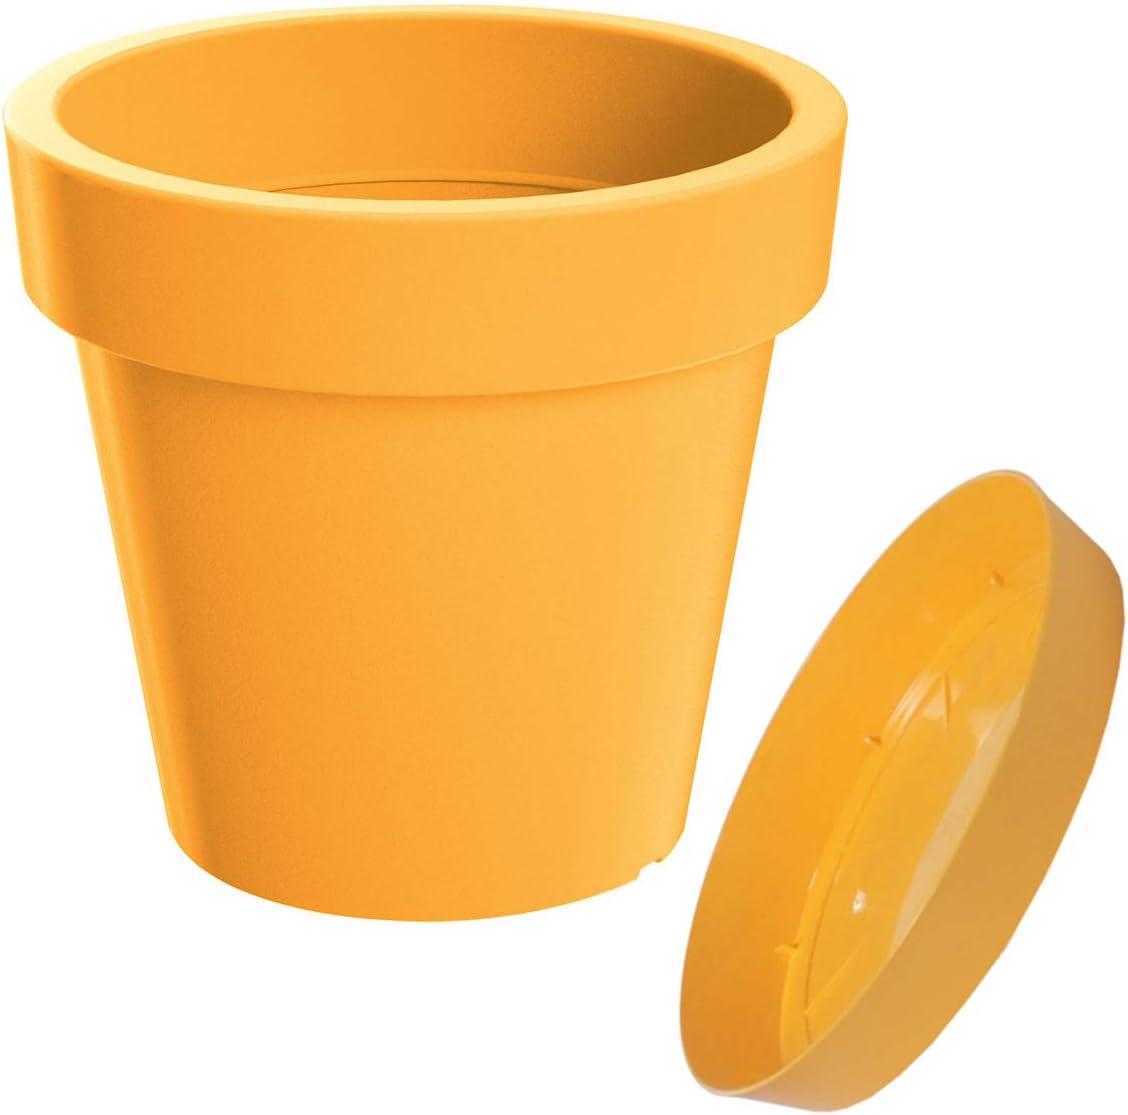 Erhard-Trading Valencia Pot de fleurs en plastique rond avec soucoupe Multicolore 13 cm terracotta